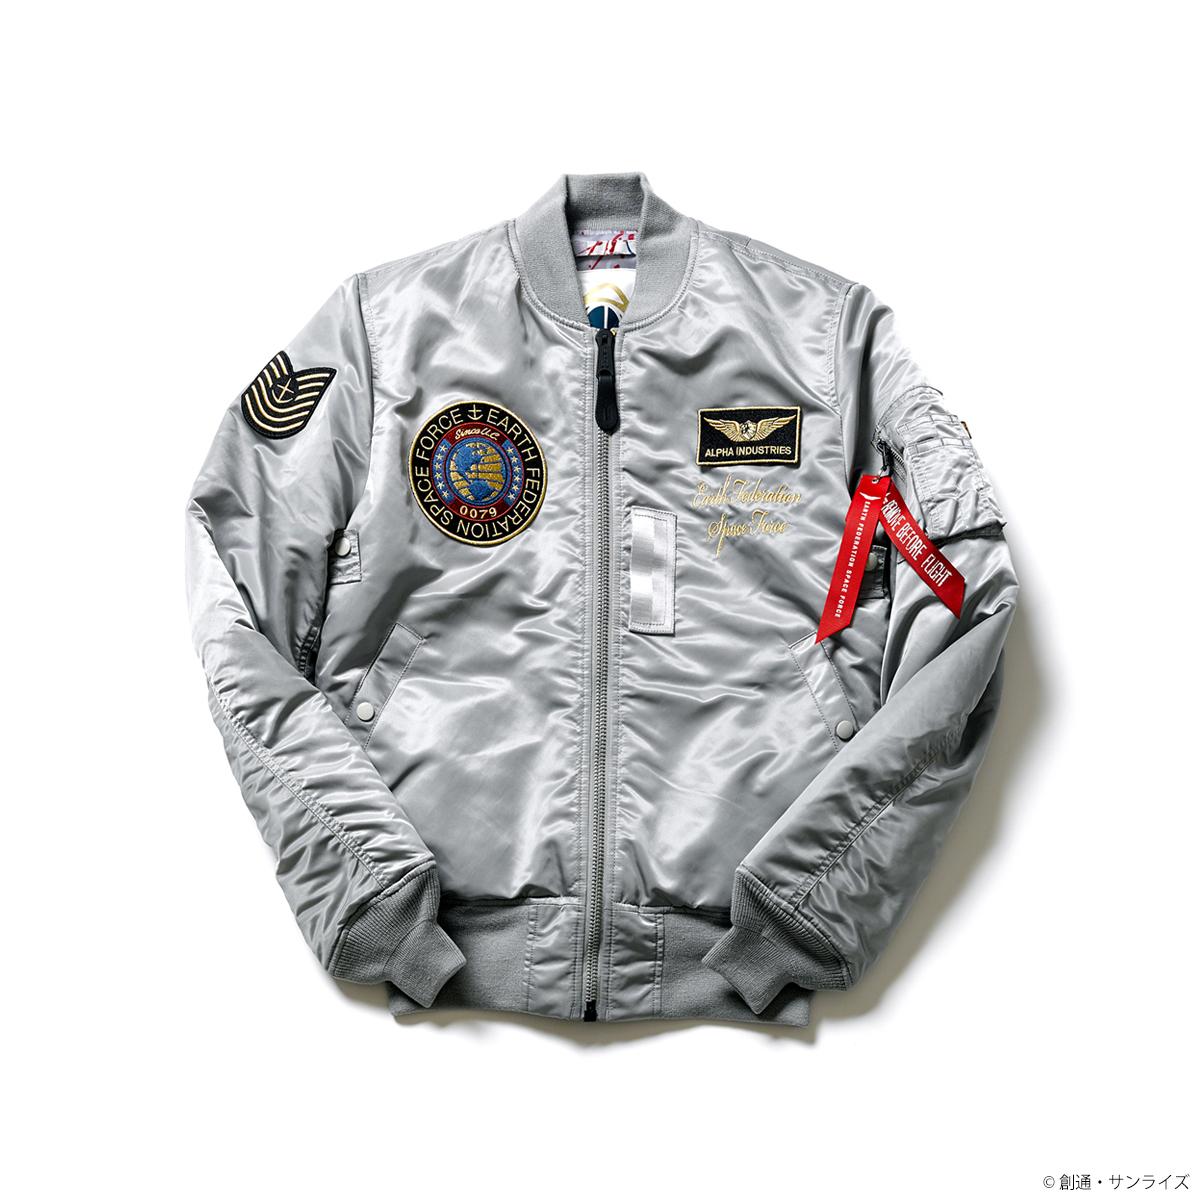 『機動戦士ガンダム』40周年記念のMA-1は地球連邦軍&ジオン軍モデル!『機動戦士Zガンダム』からはカミーユ&クワトロモデル登場!